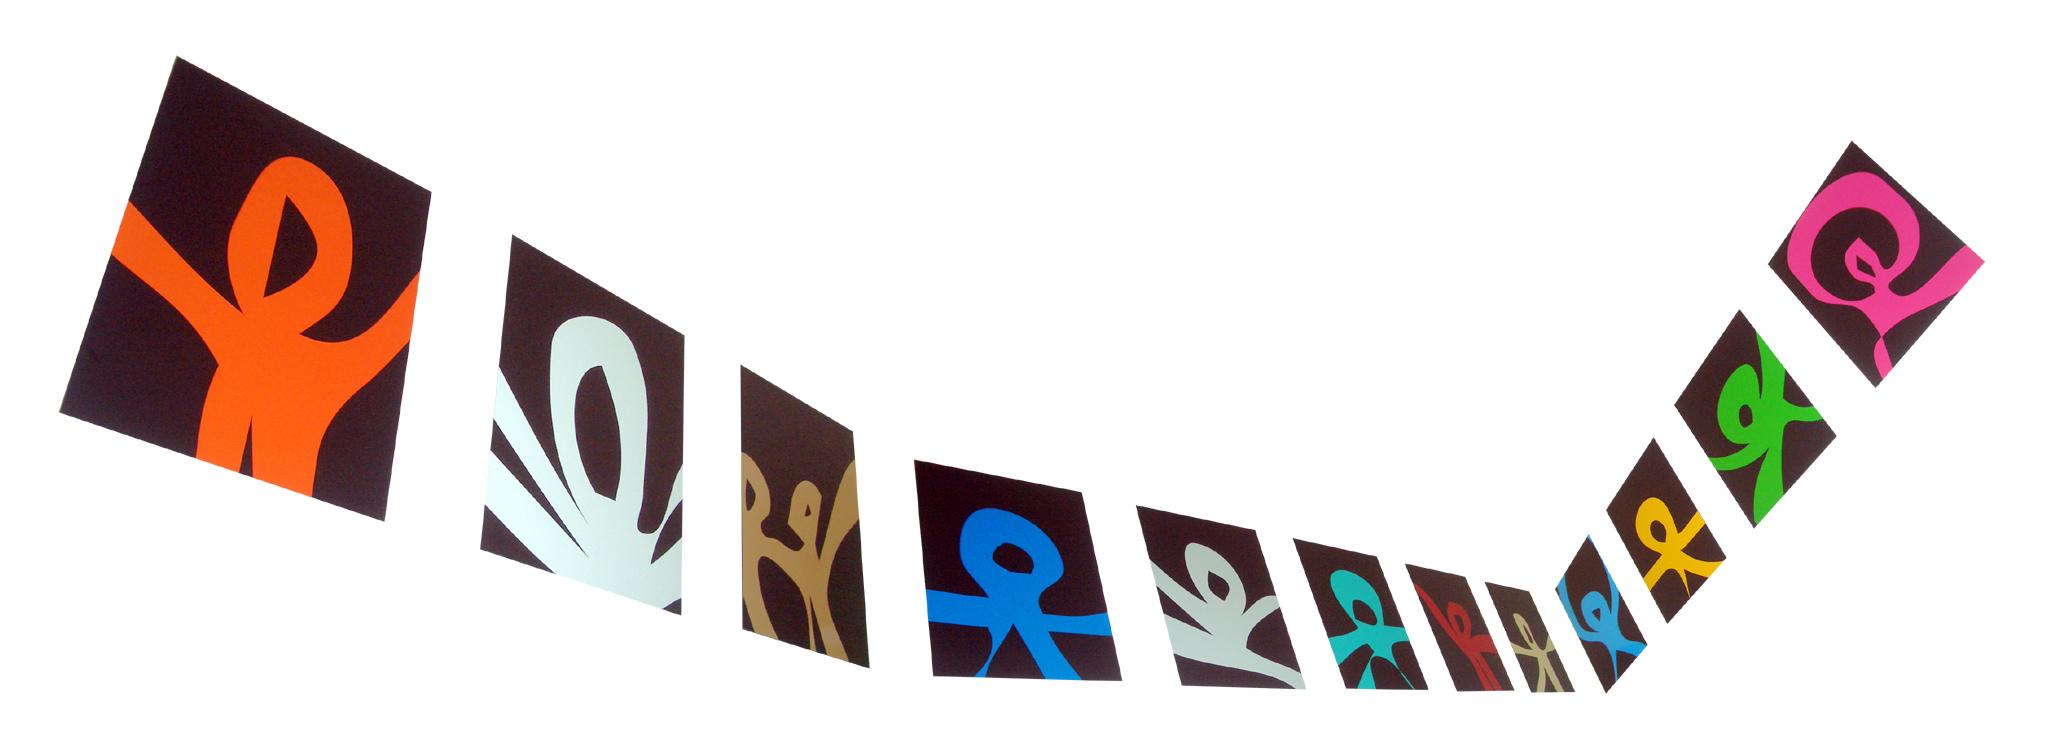 Lyrois: Seulement les Tableaux